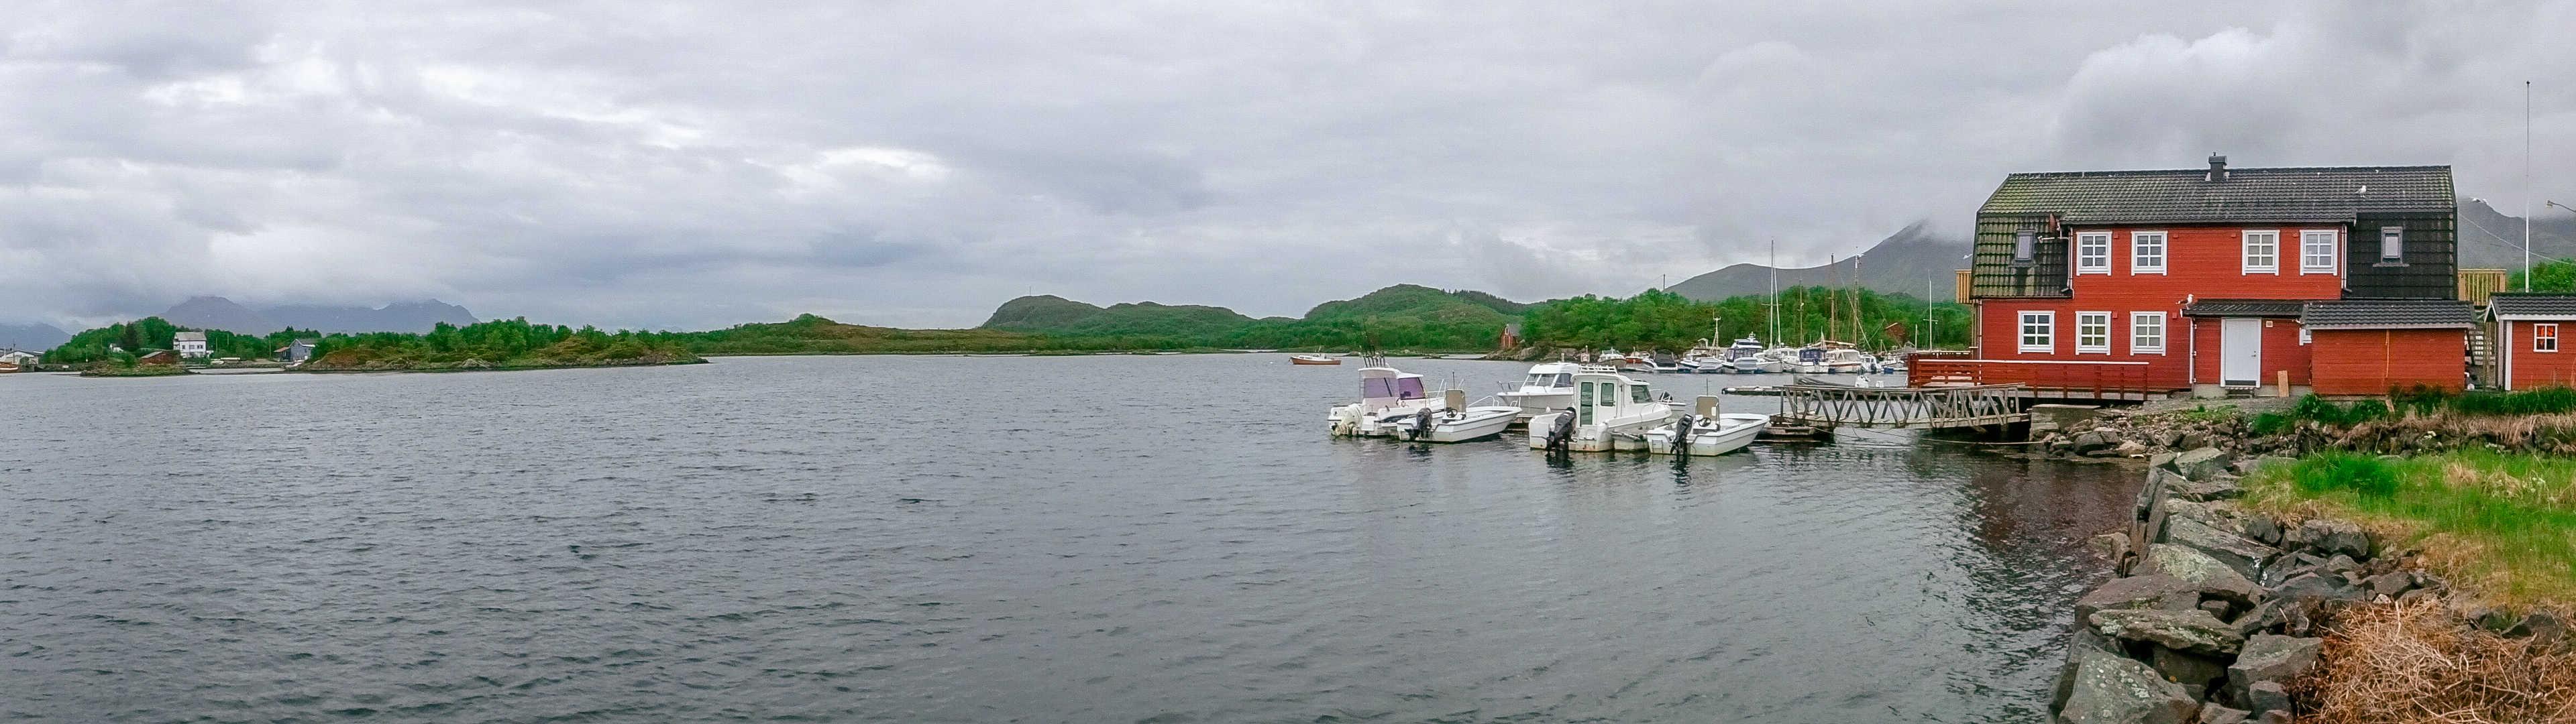 De stille baai van Huset på Yttersiden